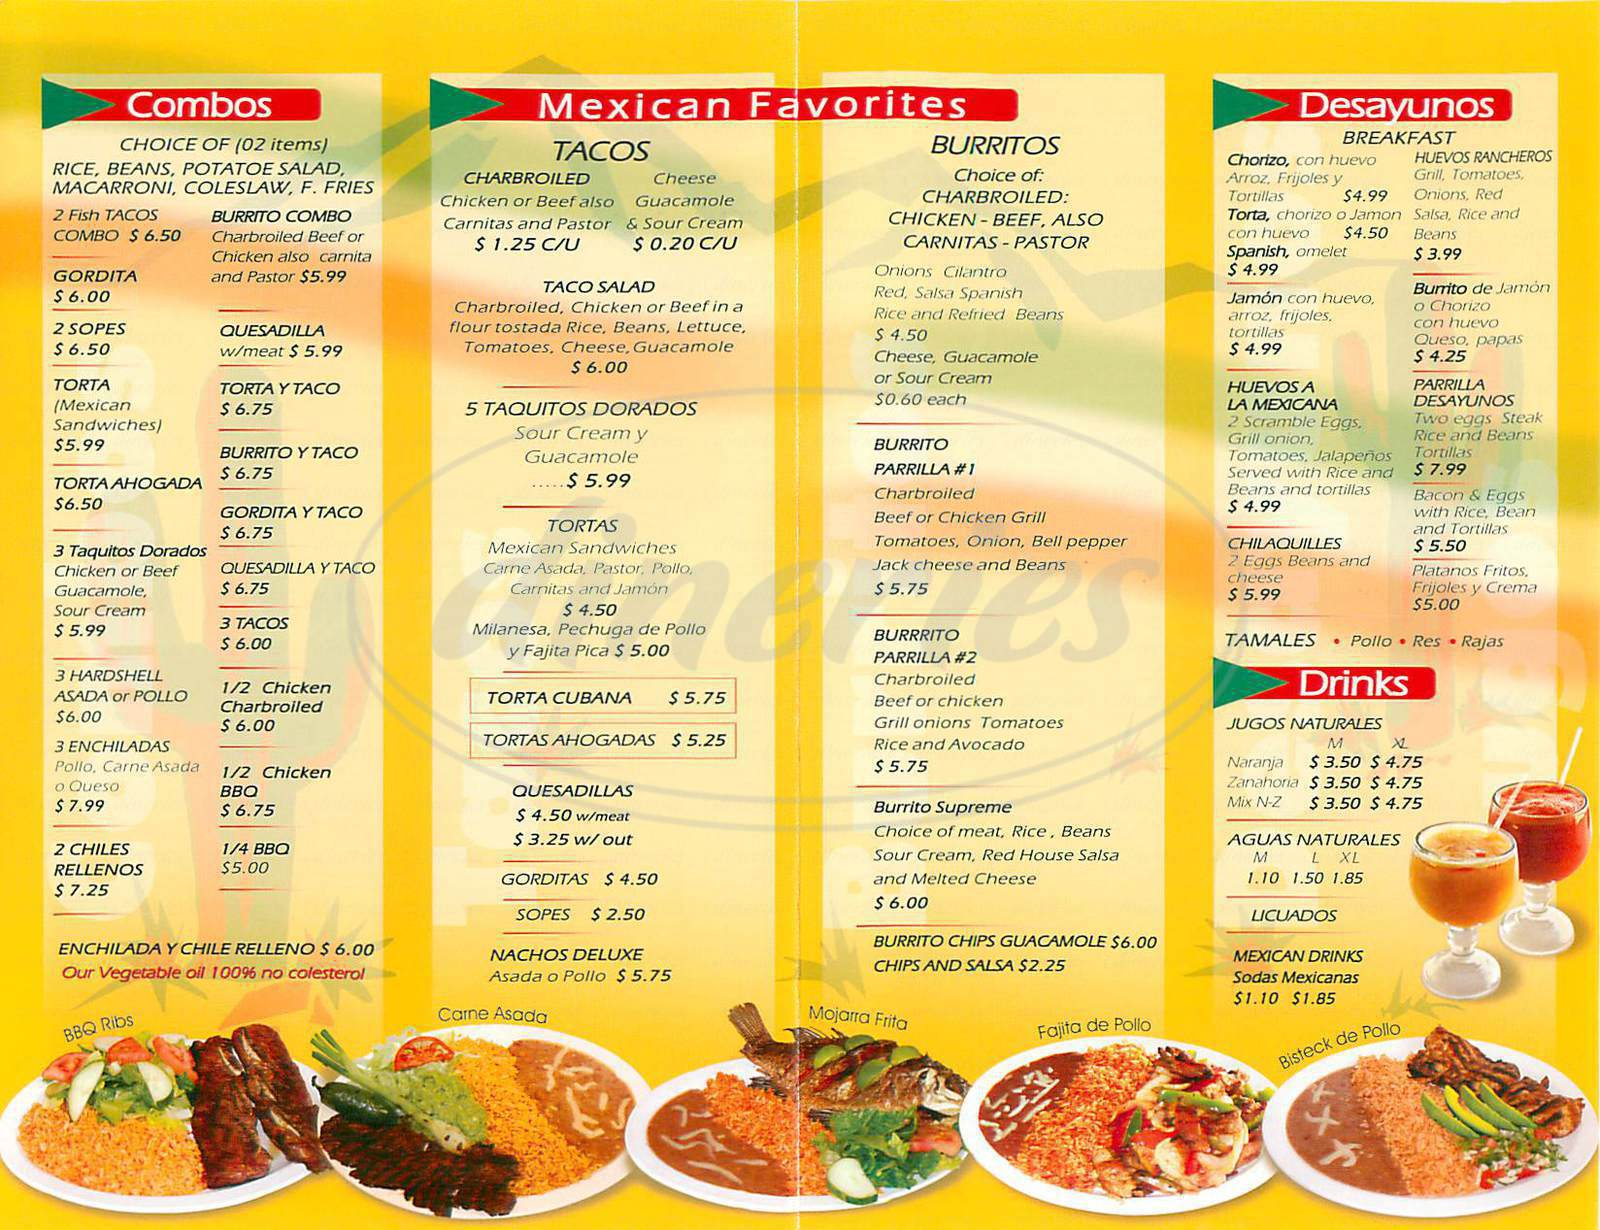 Parrilla Mexican Restaurant